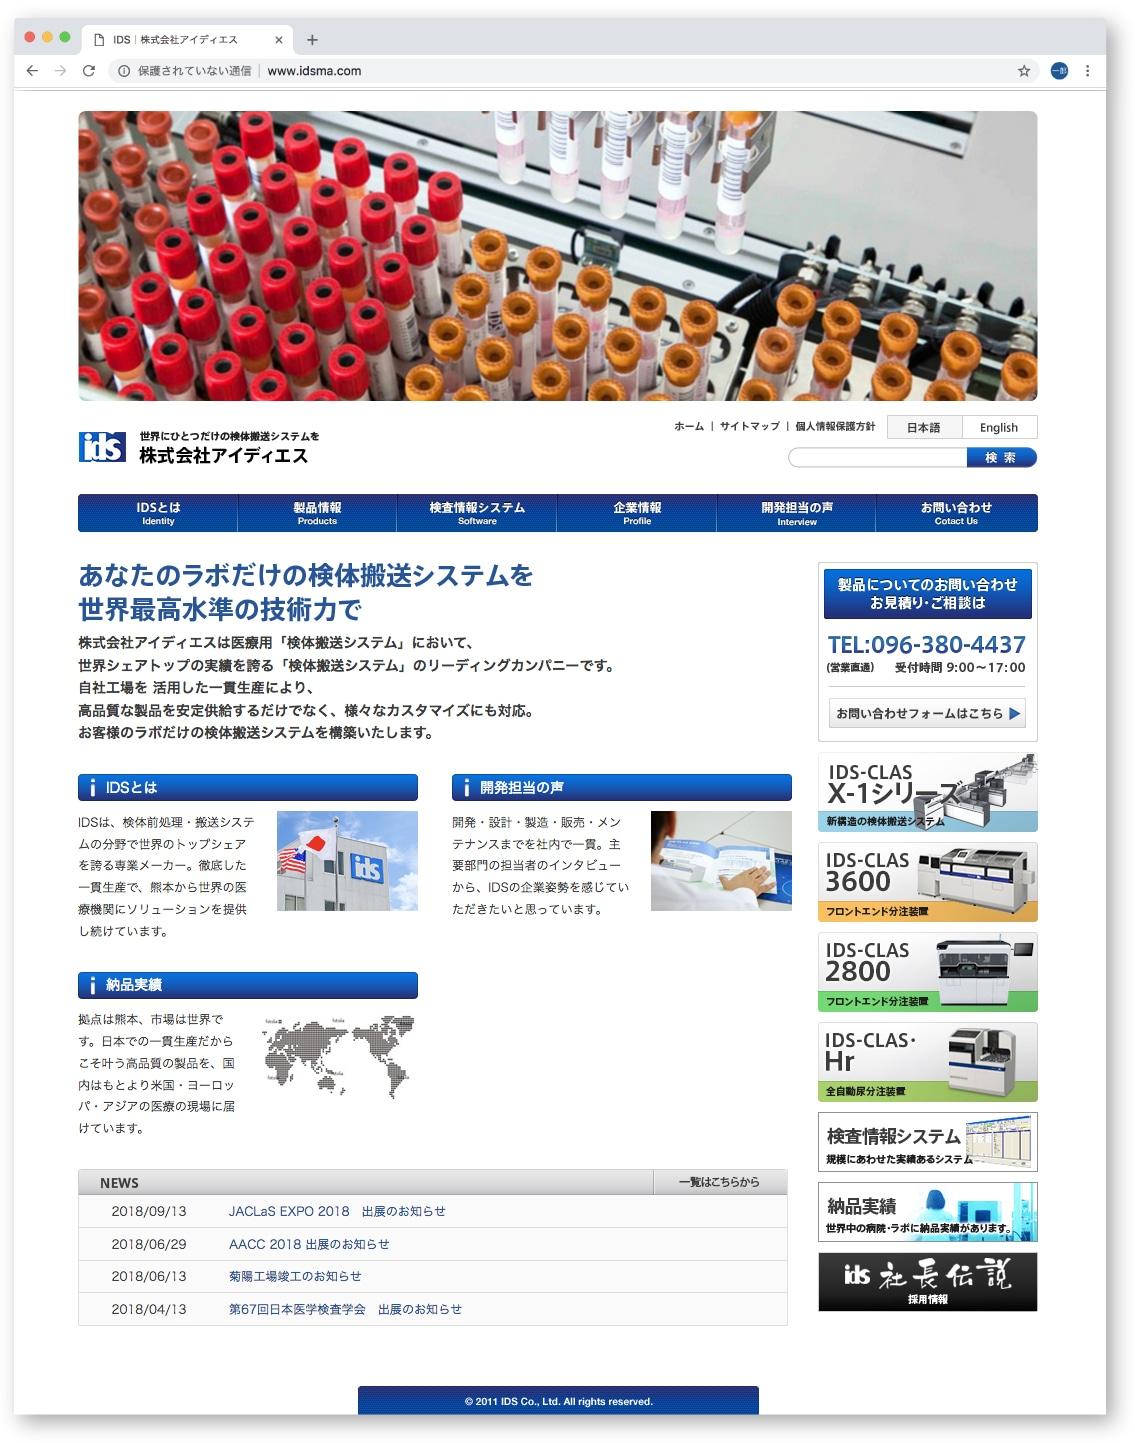 コーポレートサイトのTOPページ